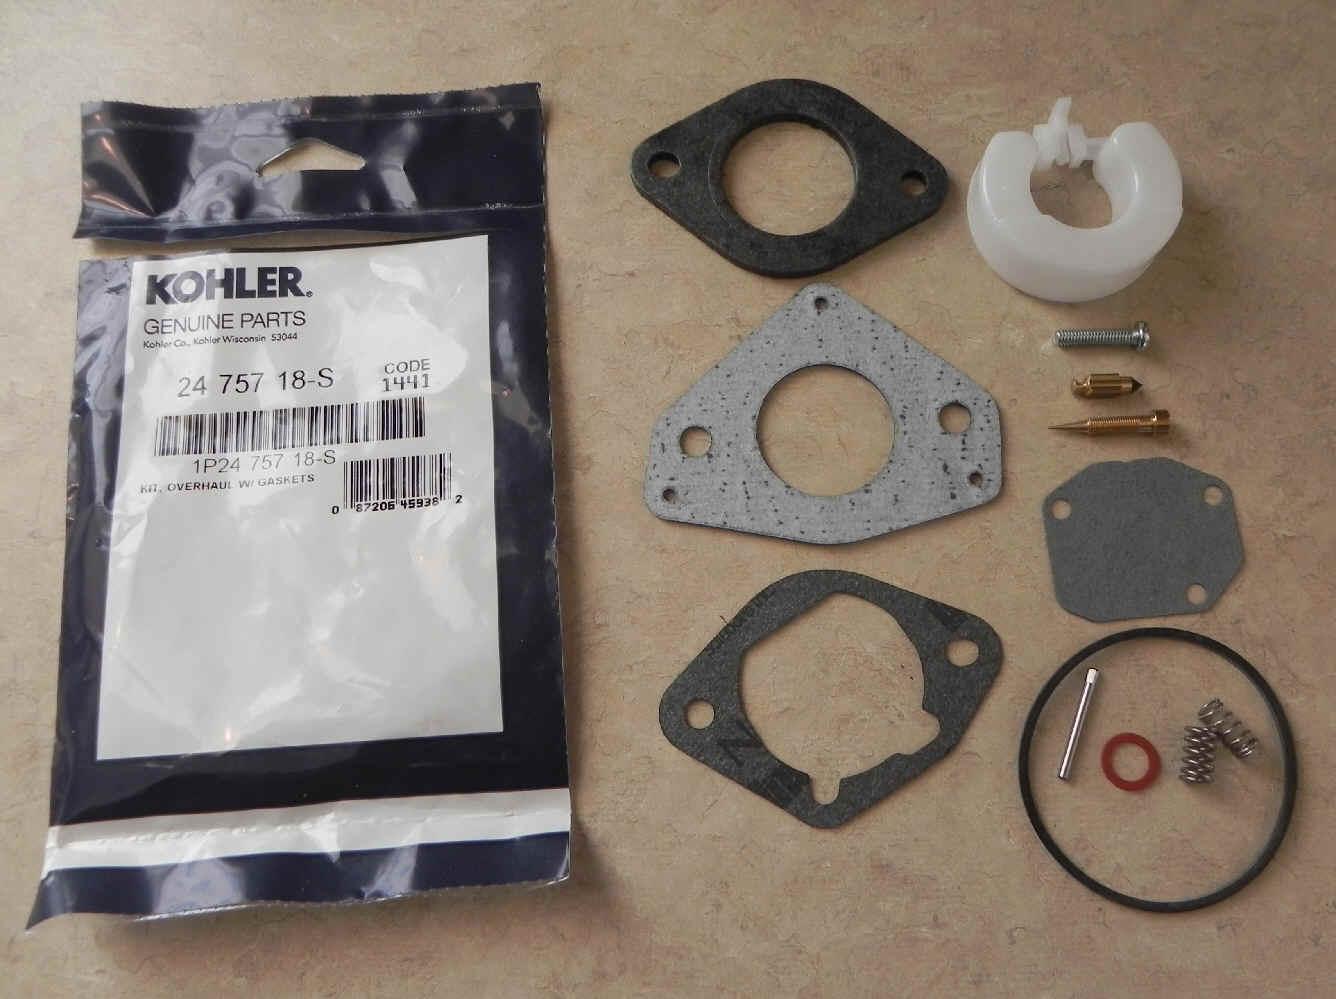 Kohler Carburetor Repair Kit 24 757 18-S